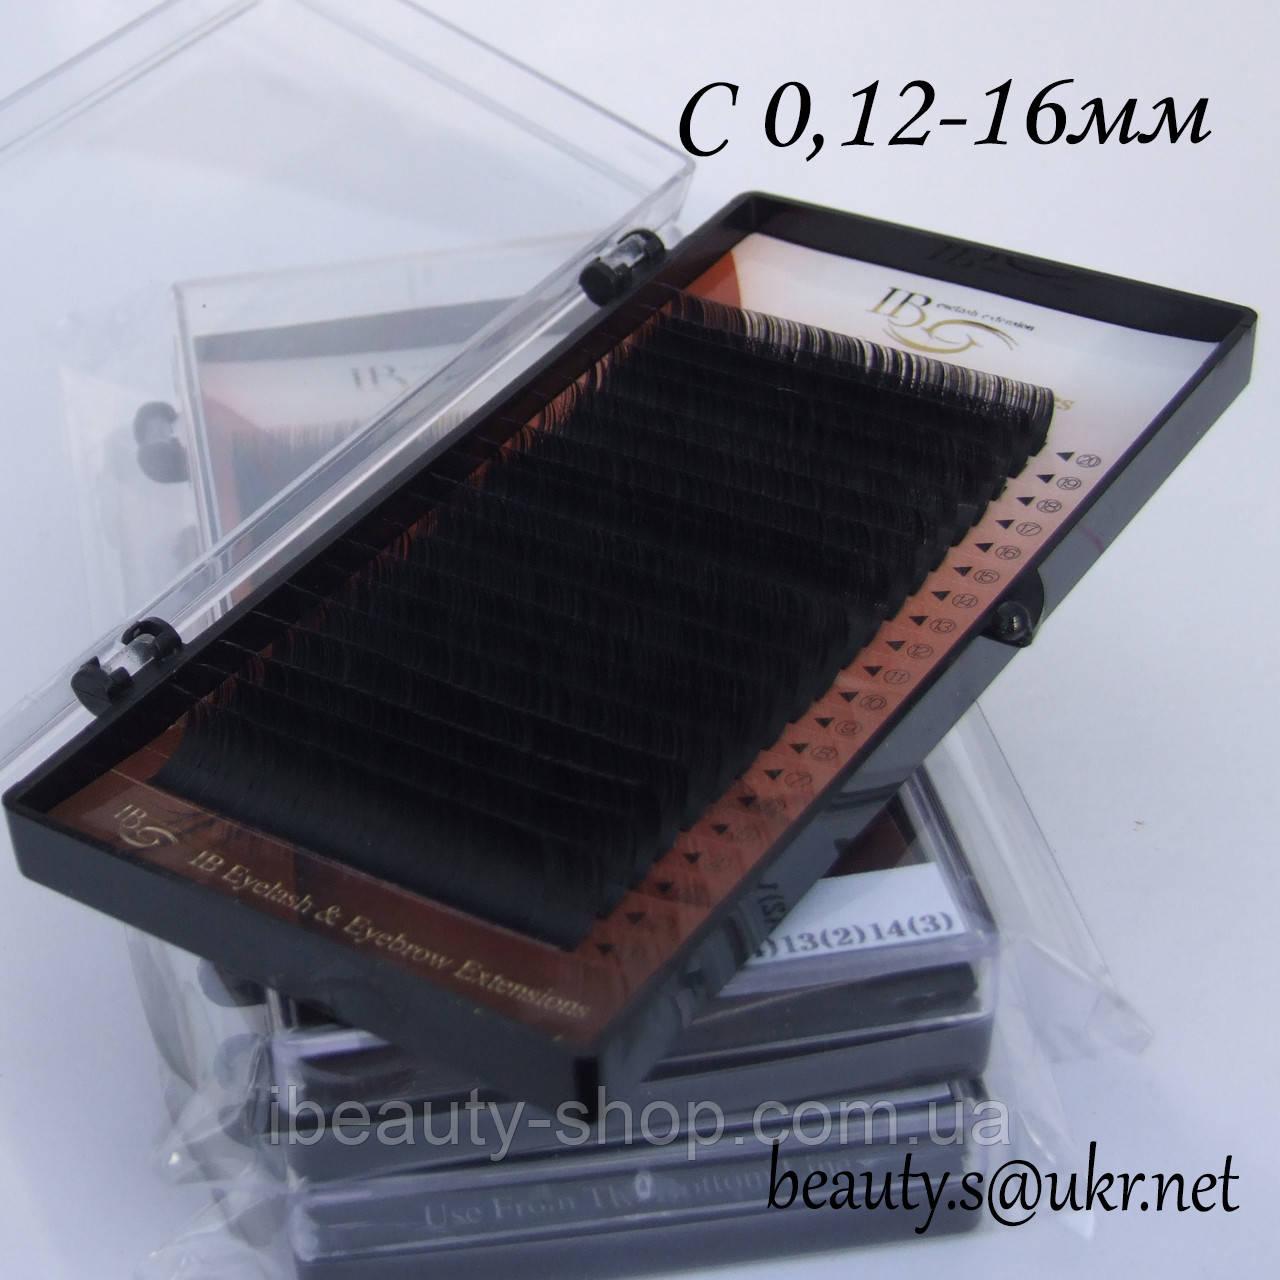 Ресницы  I-Beauty на ленте С-0,12 16мм